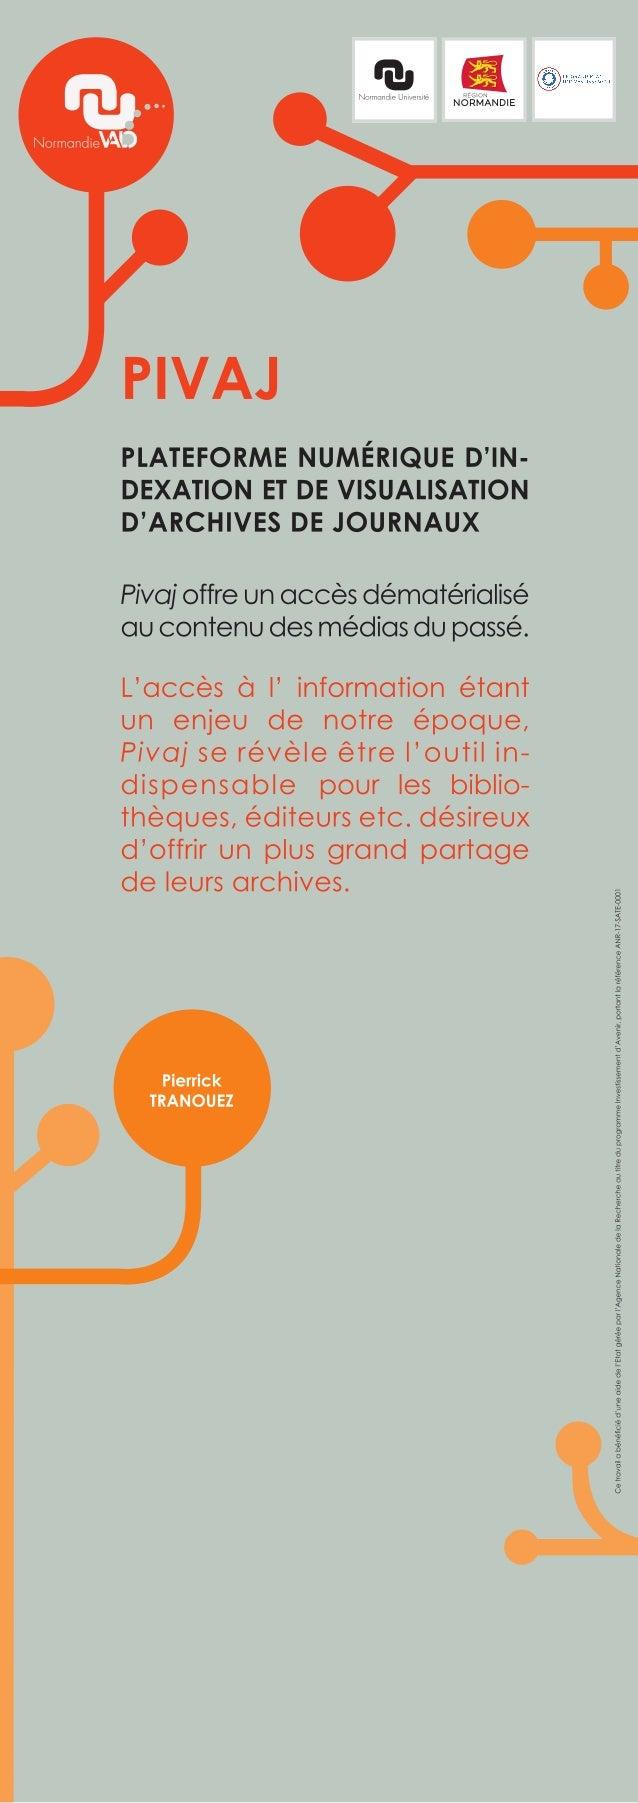 Plateforme numérique d'indexation et de visualisation d'archives de journaux